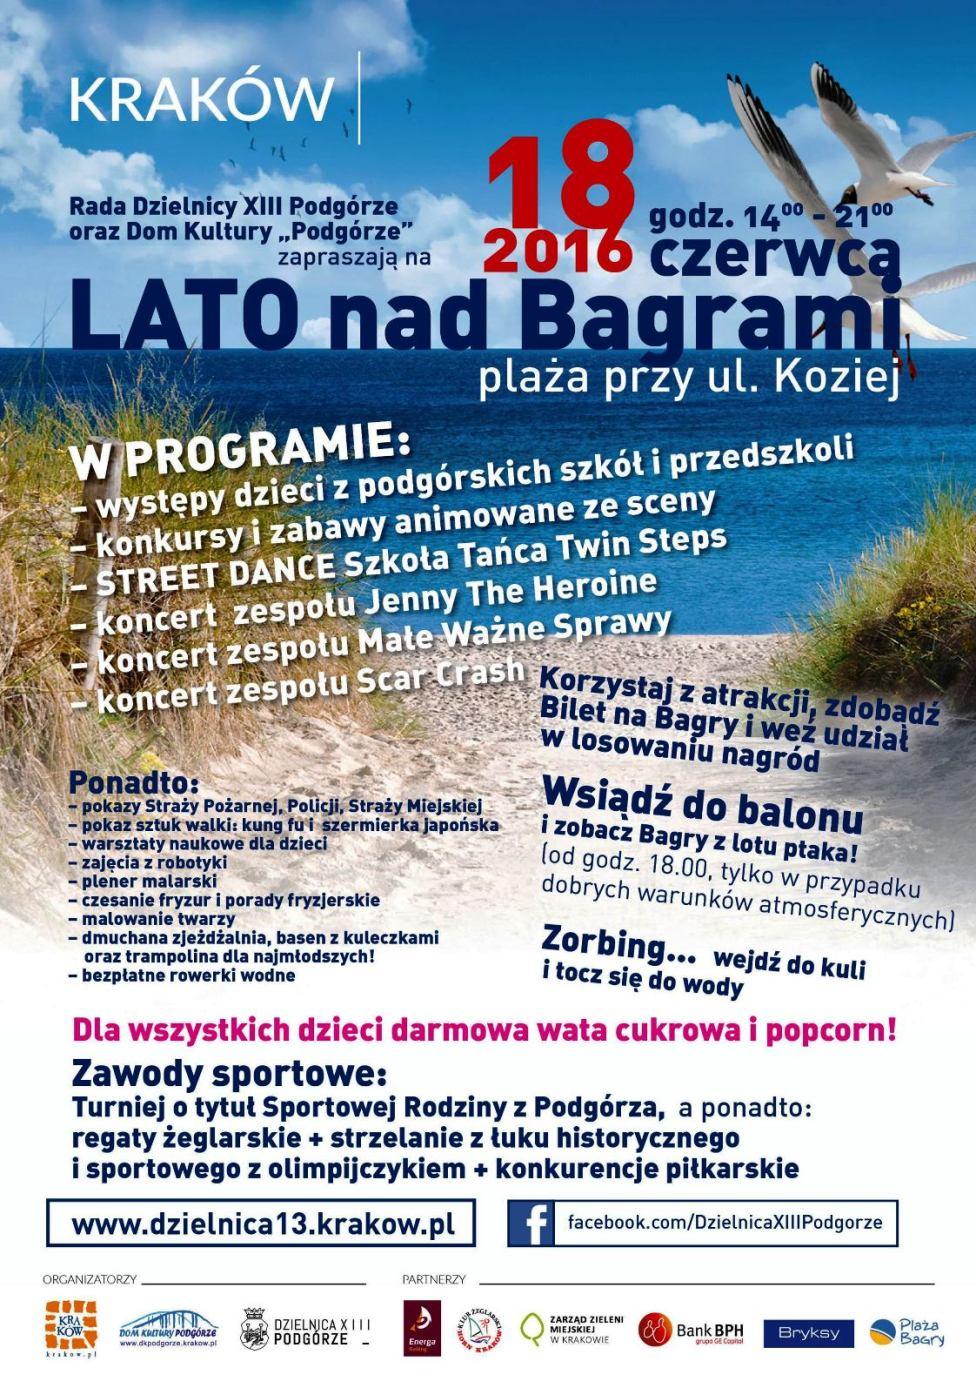 festyn żeglarski Kraków